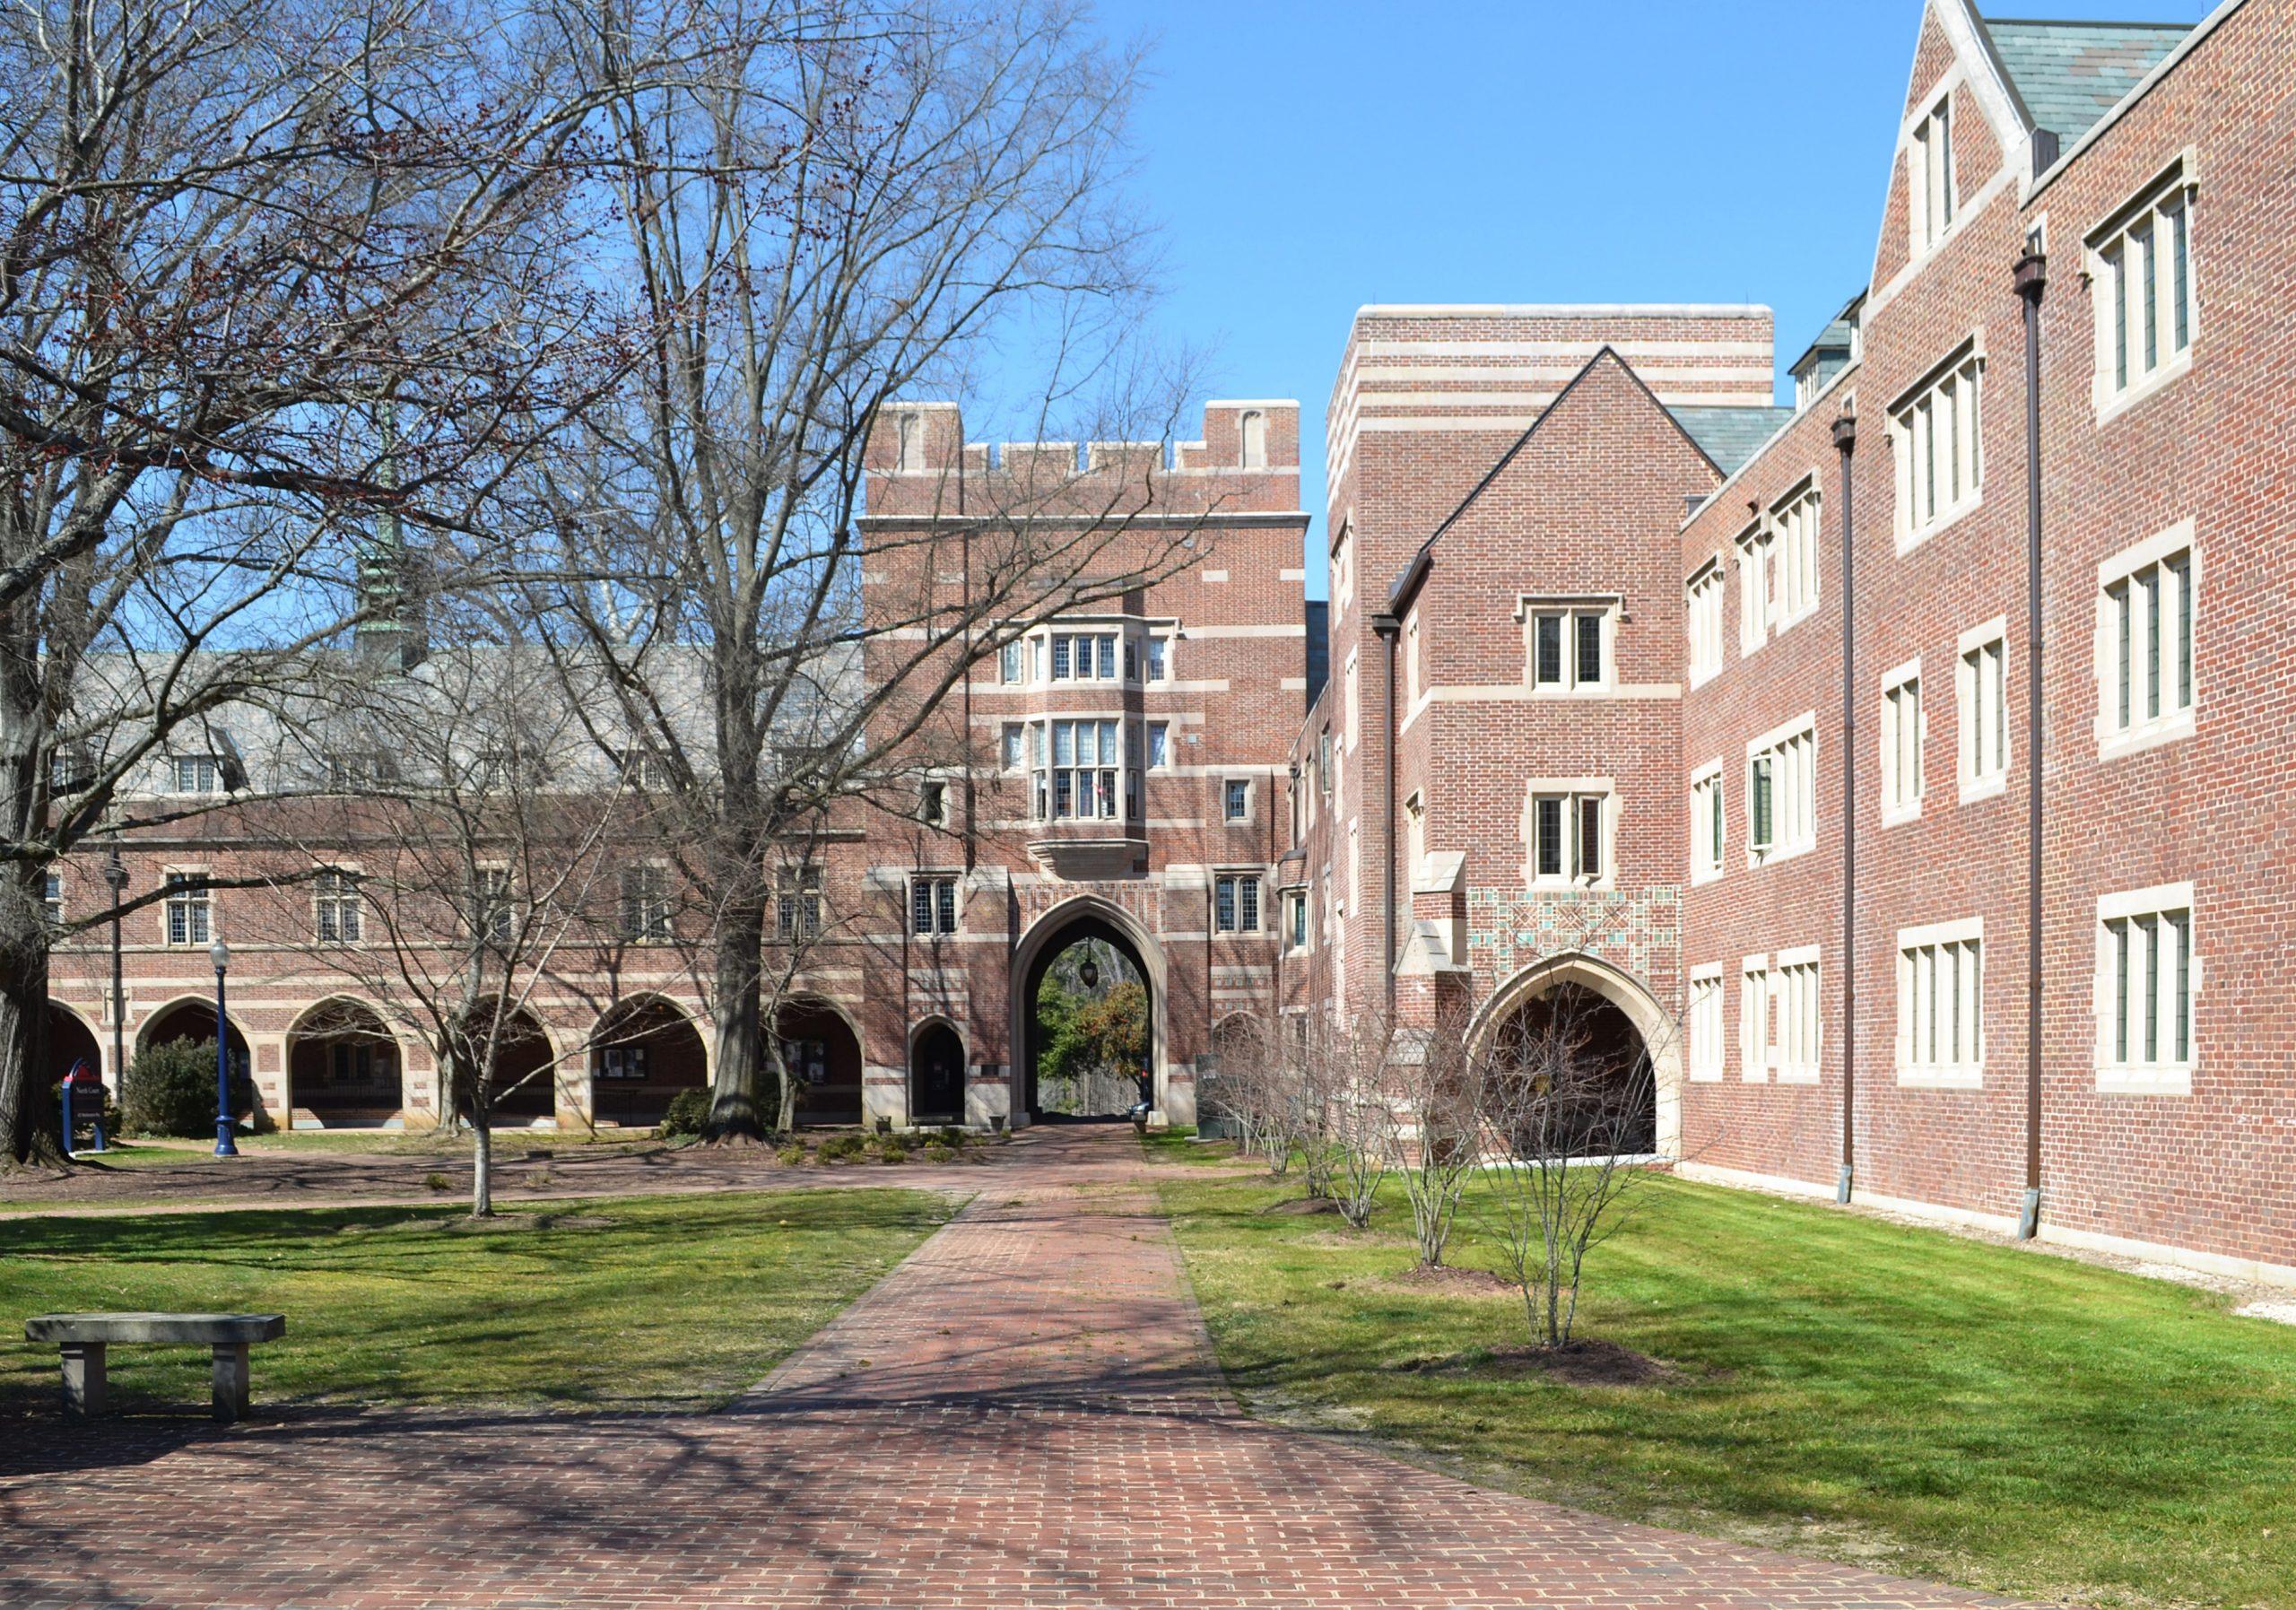 North Court